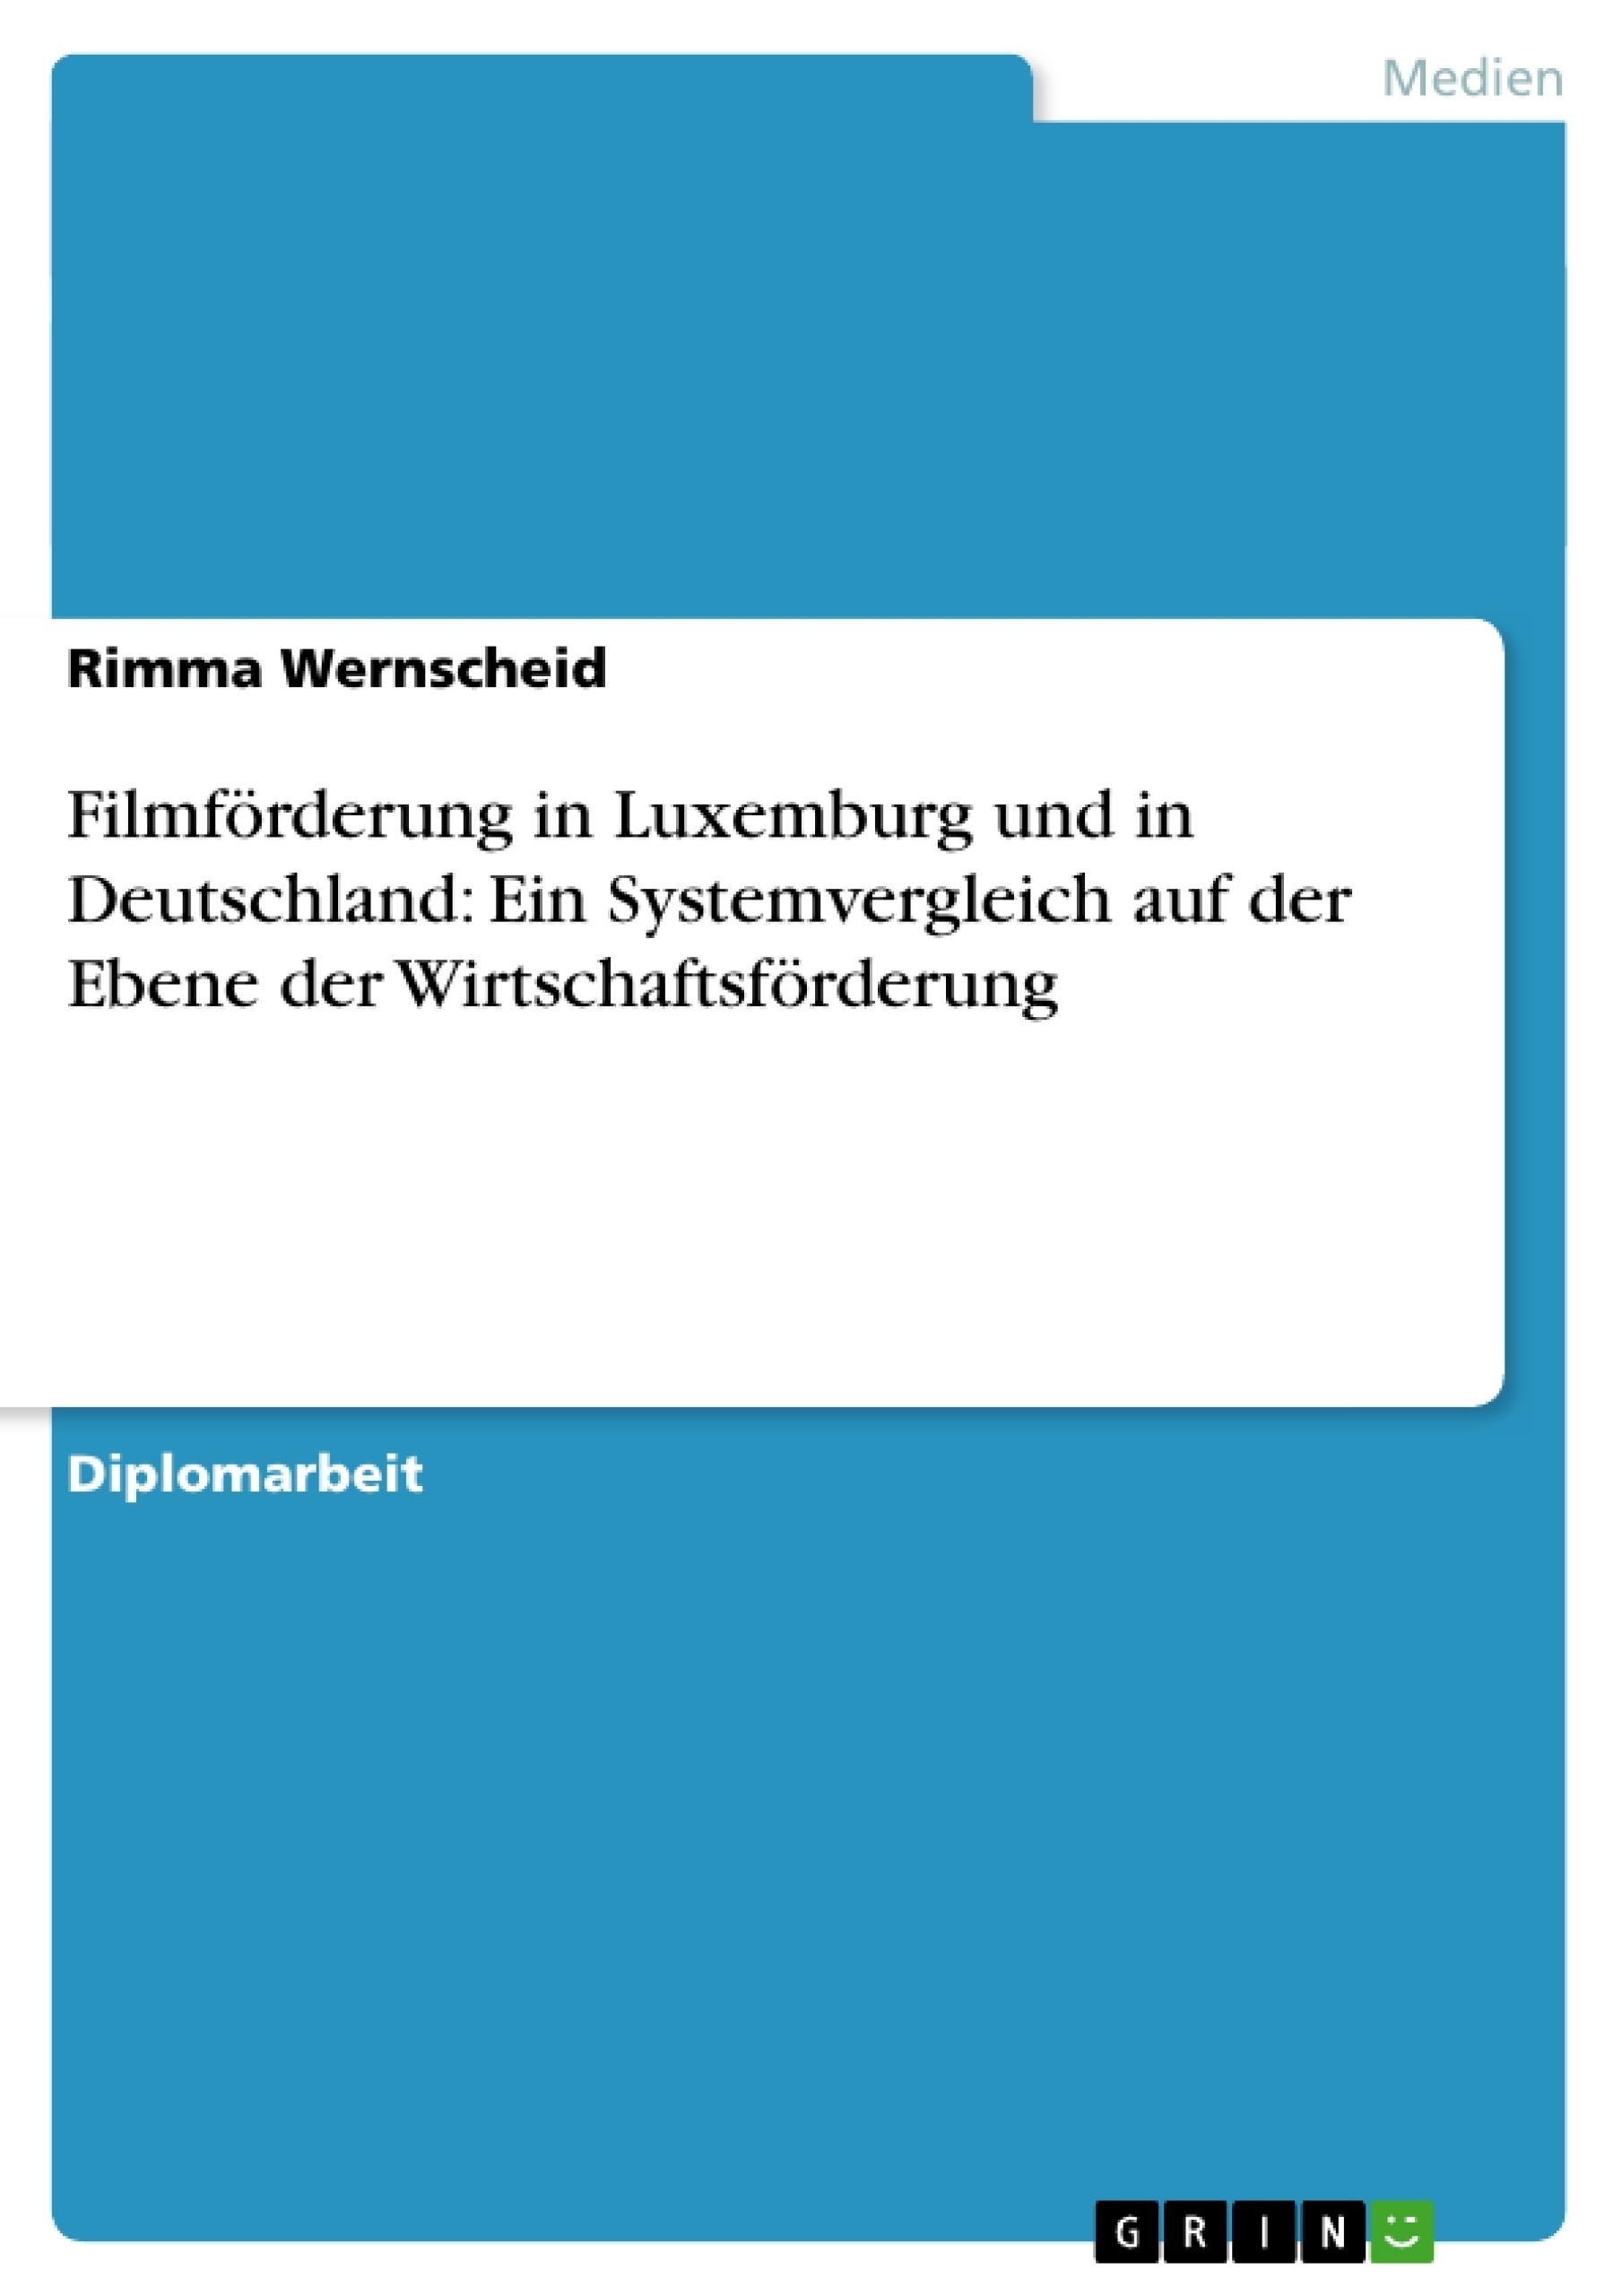 Titel: Filmförderung in Luxemburg und in Deutschland: Ein Systemvergleich auf der Ebene der Wirtschaftsförderung